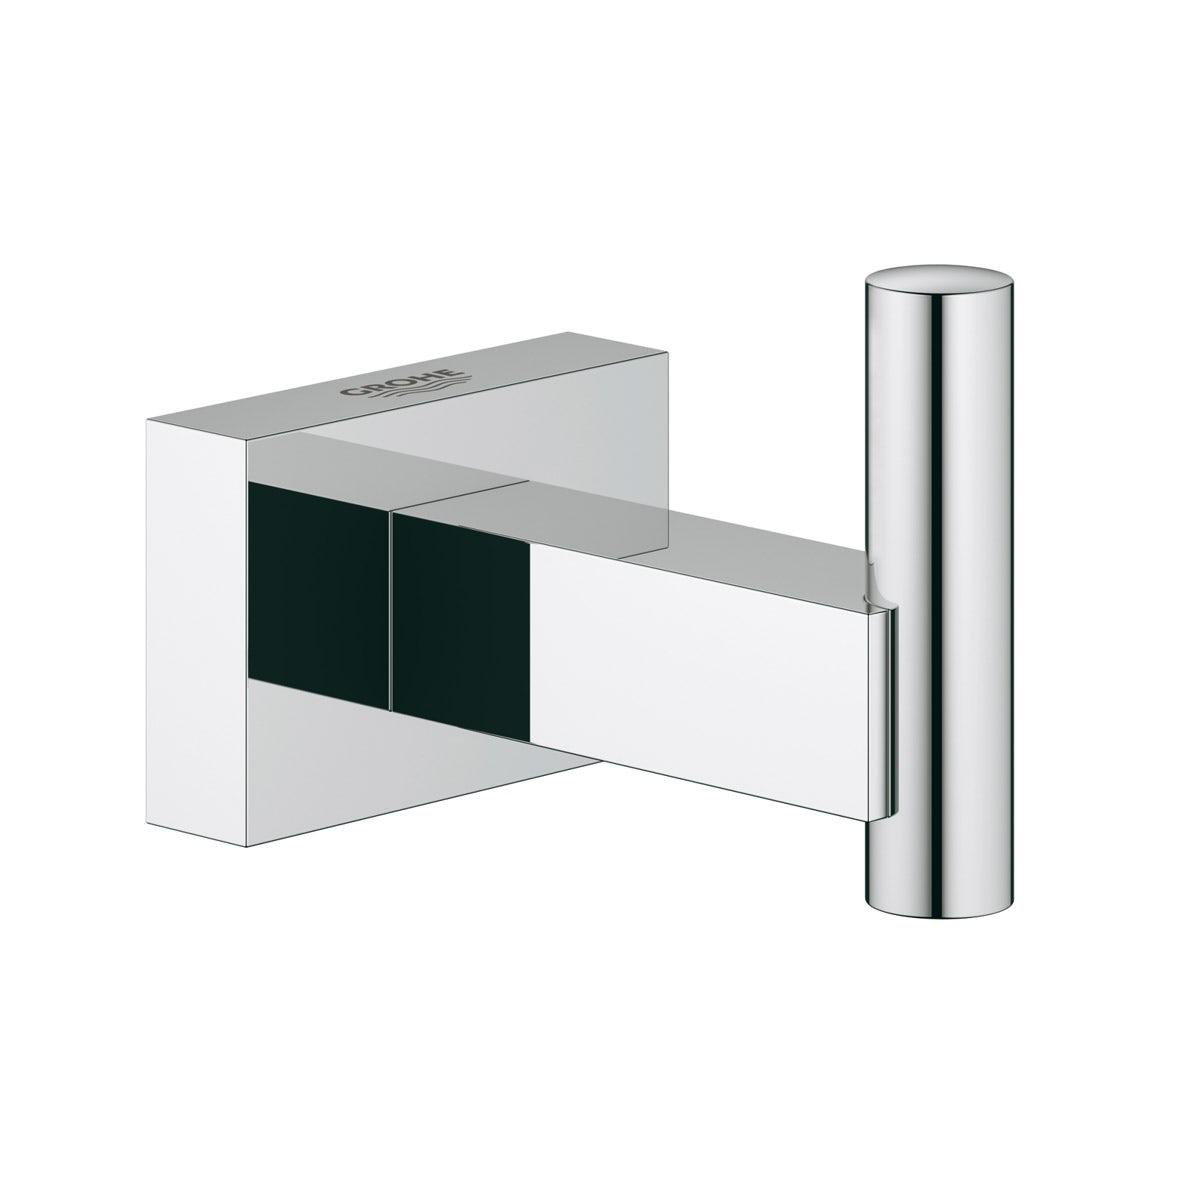 Grohe Essentials Cube : grohe essentials cube robe hook ~ Watch28wear.com Haus und Dekorationen